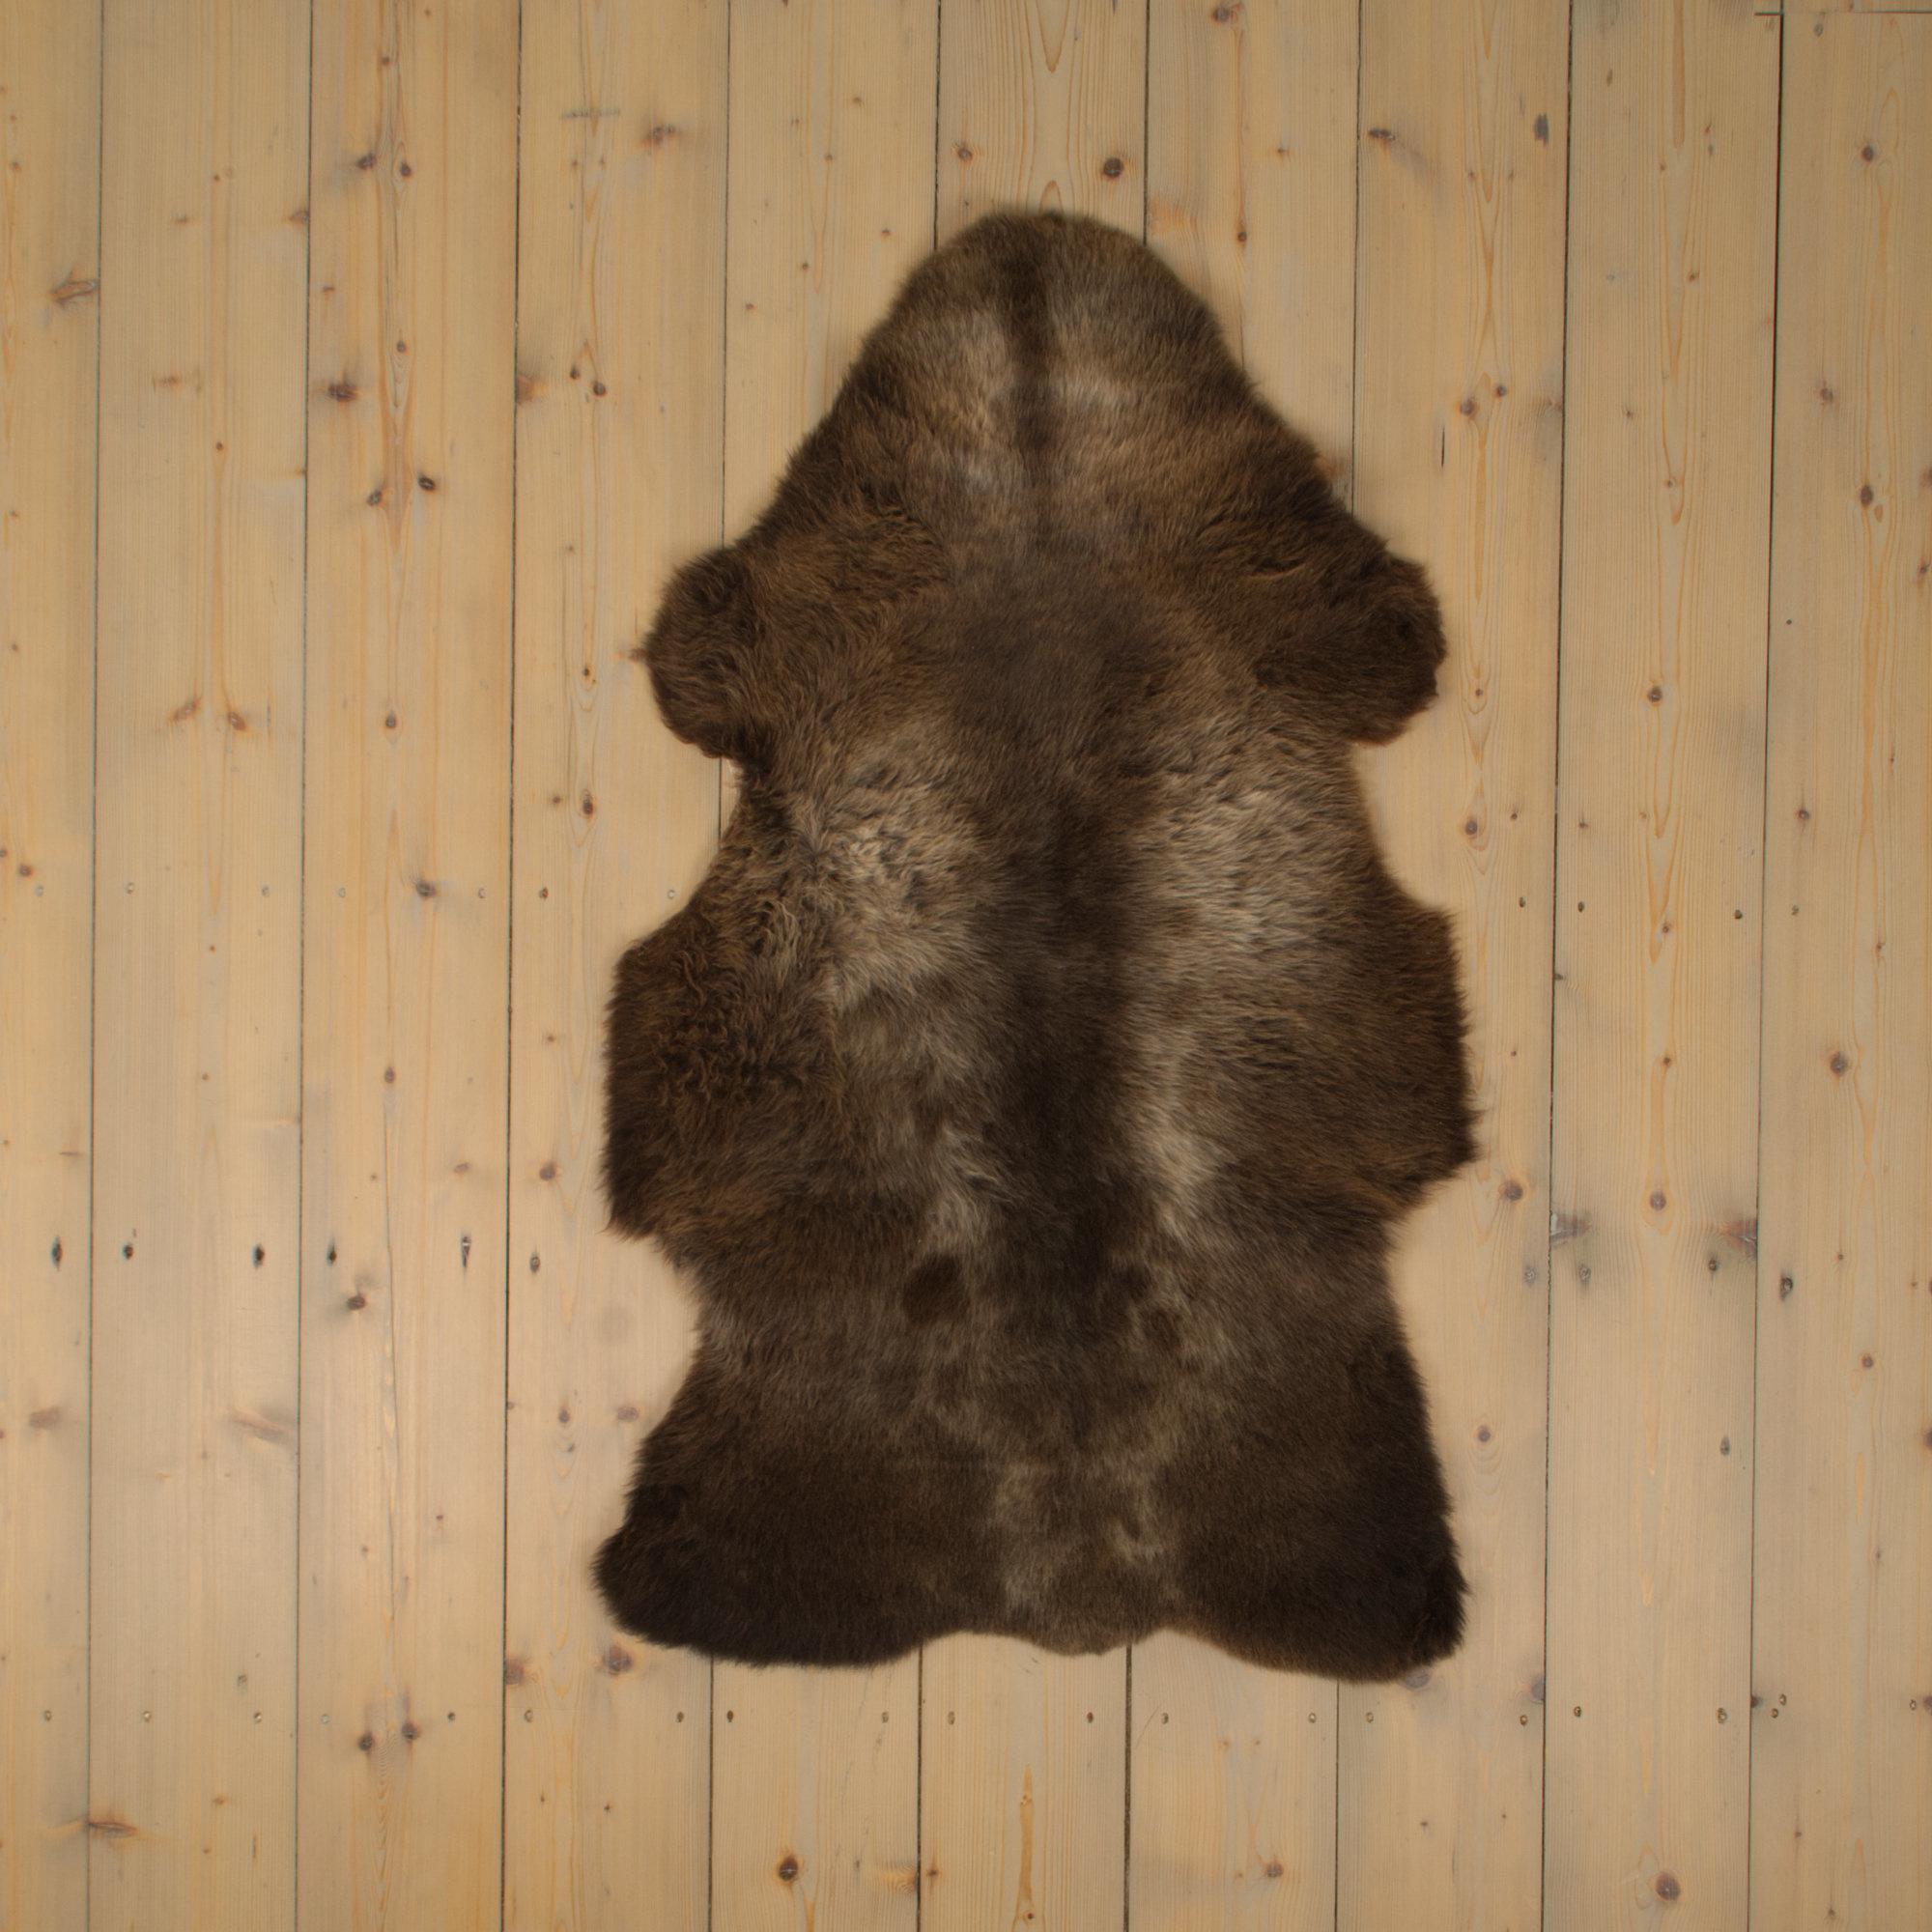 Van Buren Blauwe Texelaar Schapenvacht - Bruin - Uniek Gefotografeerd - ca. 110x65cm - US020